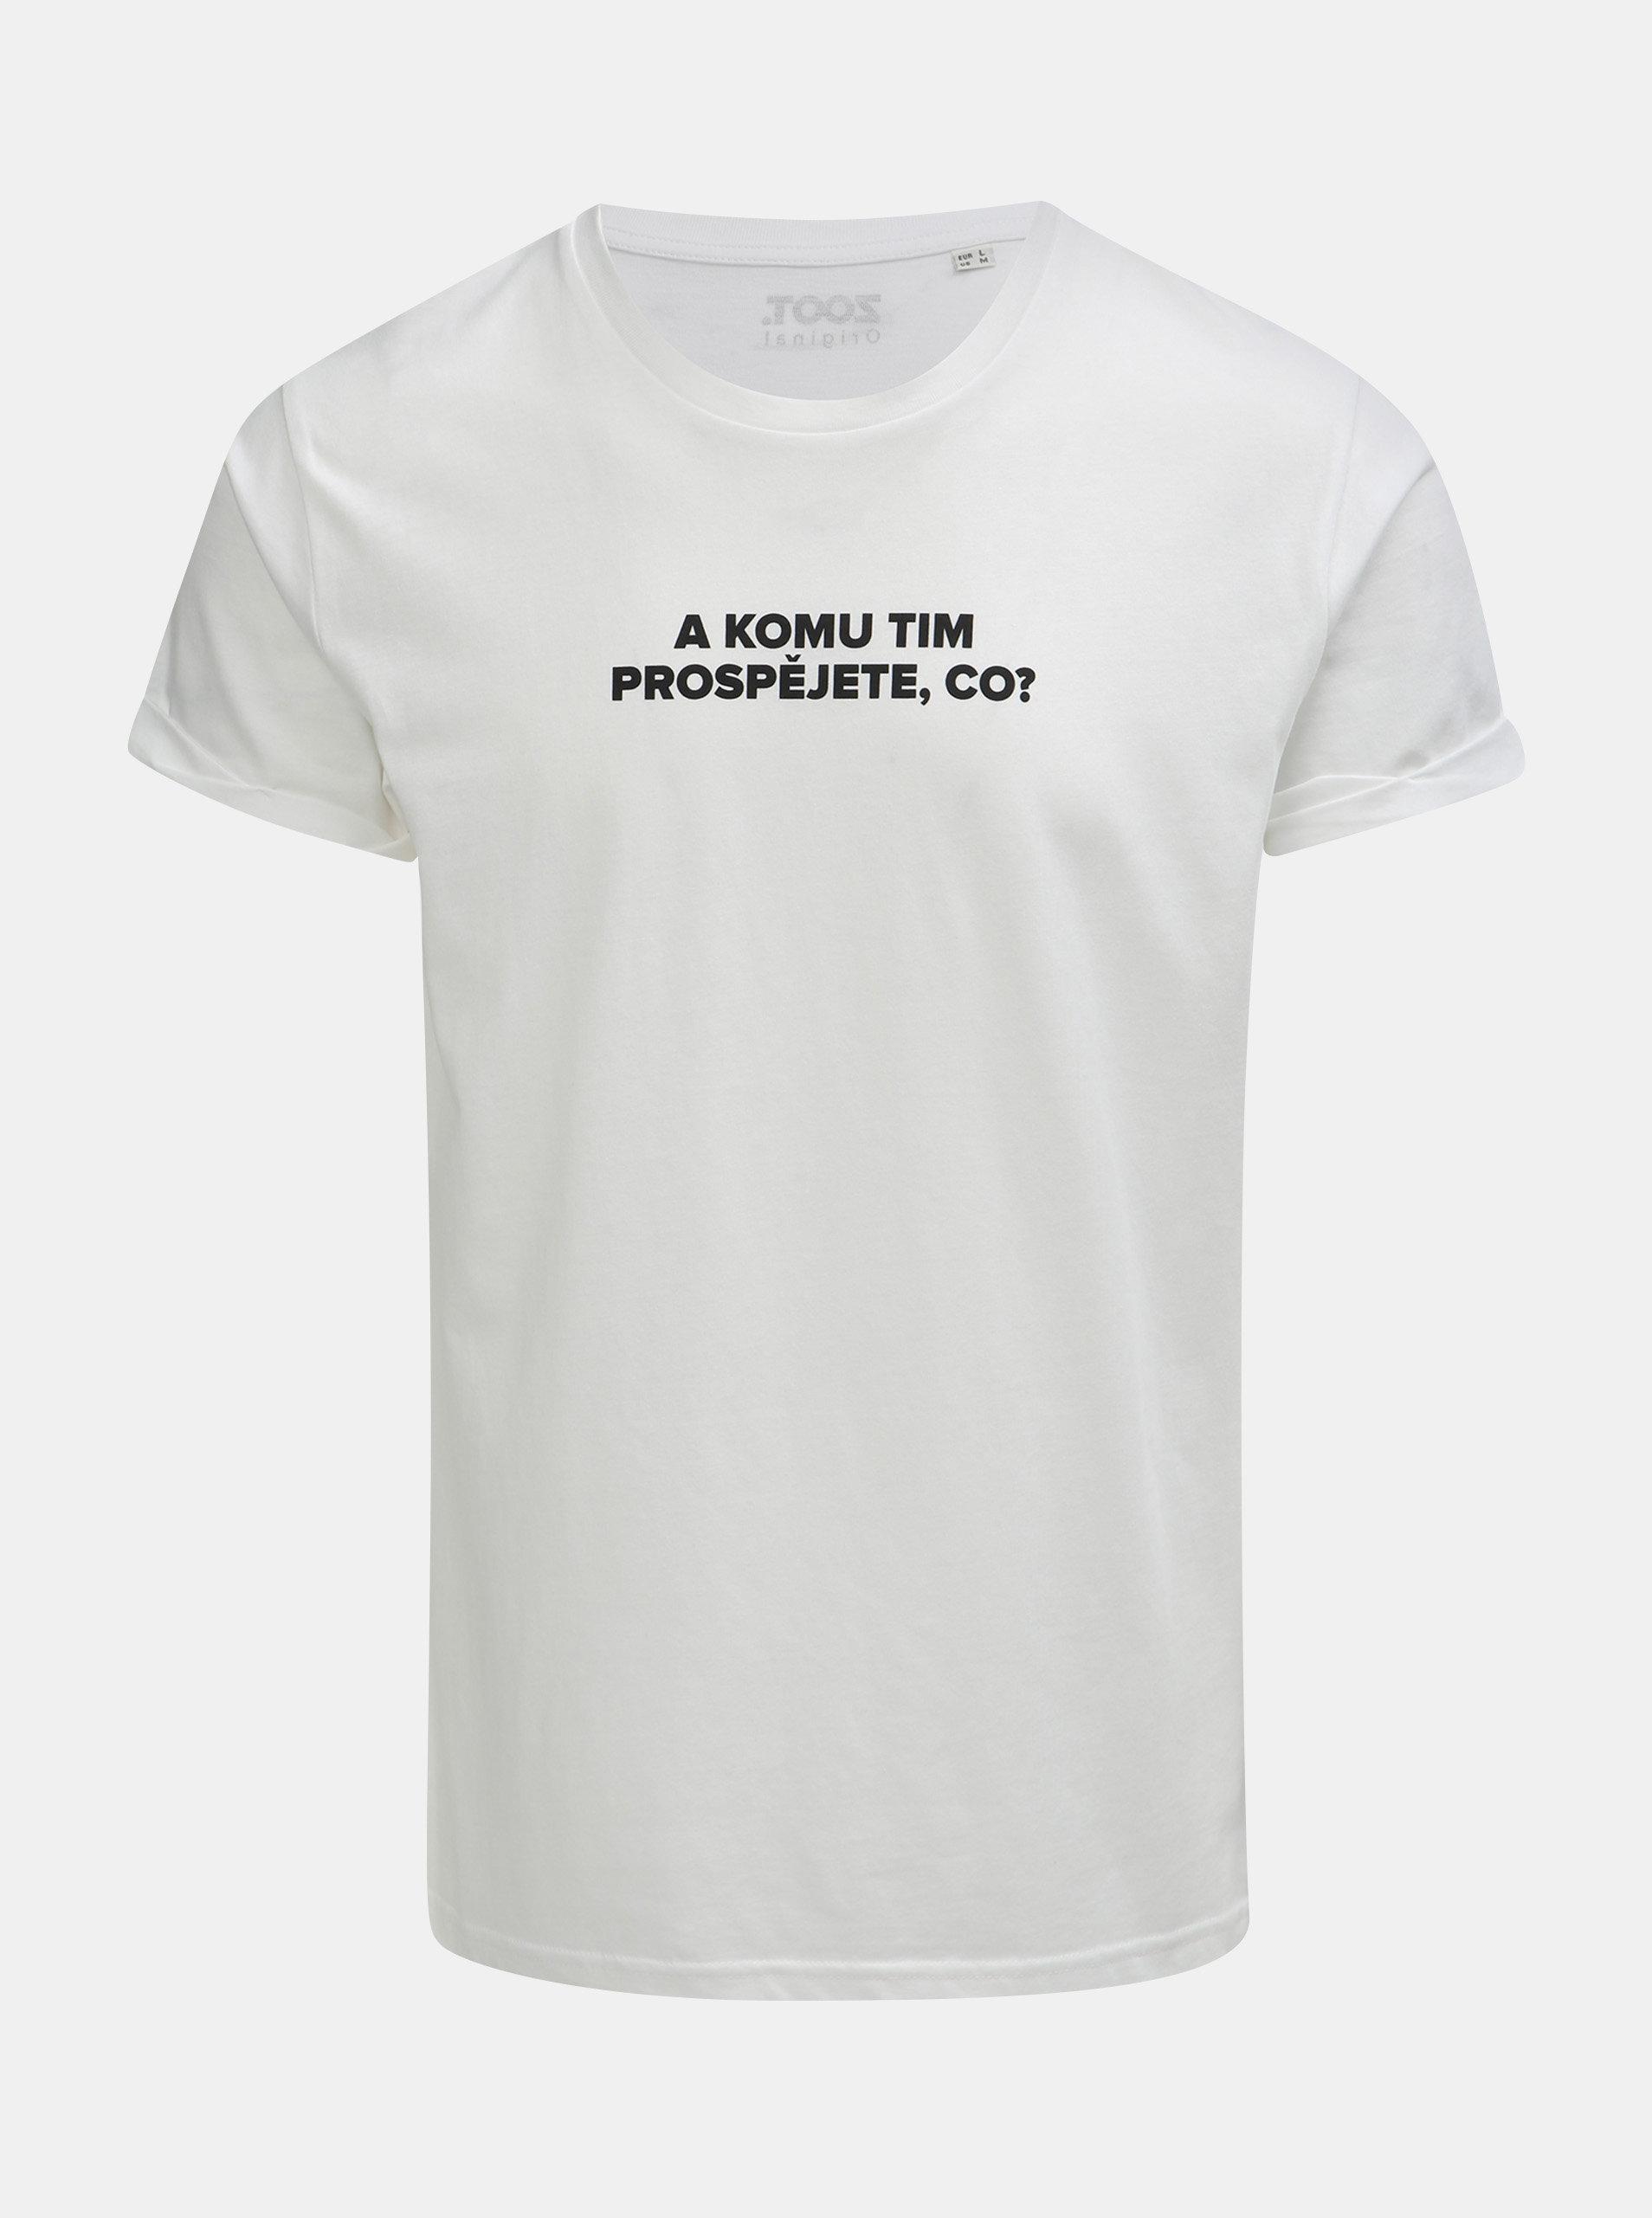 fe344e4fe472 Biele pánske tričko s potlačou ZOOT Original Komu tim prospějete ...